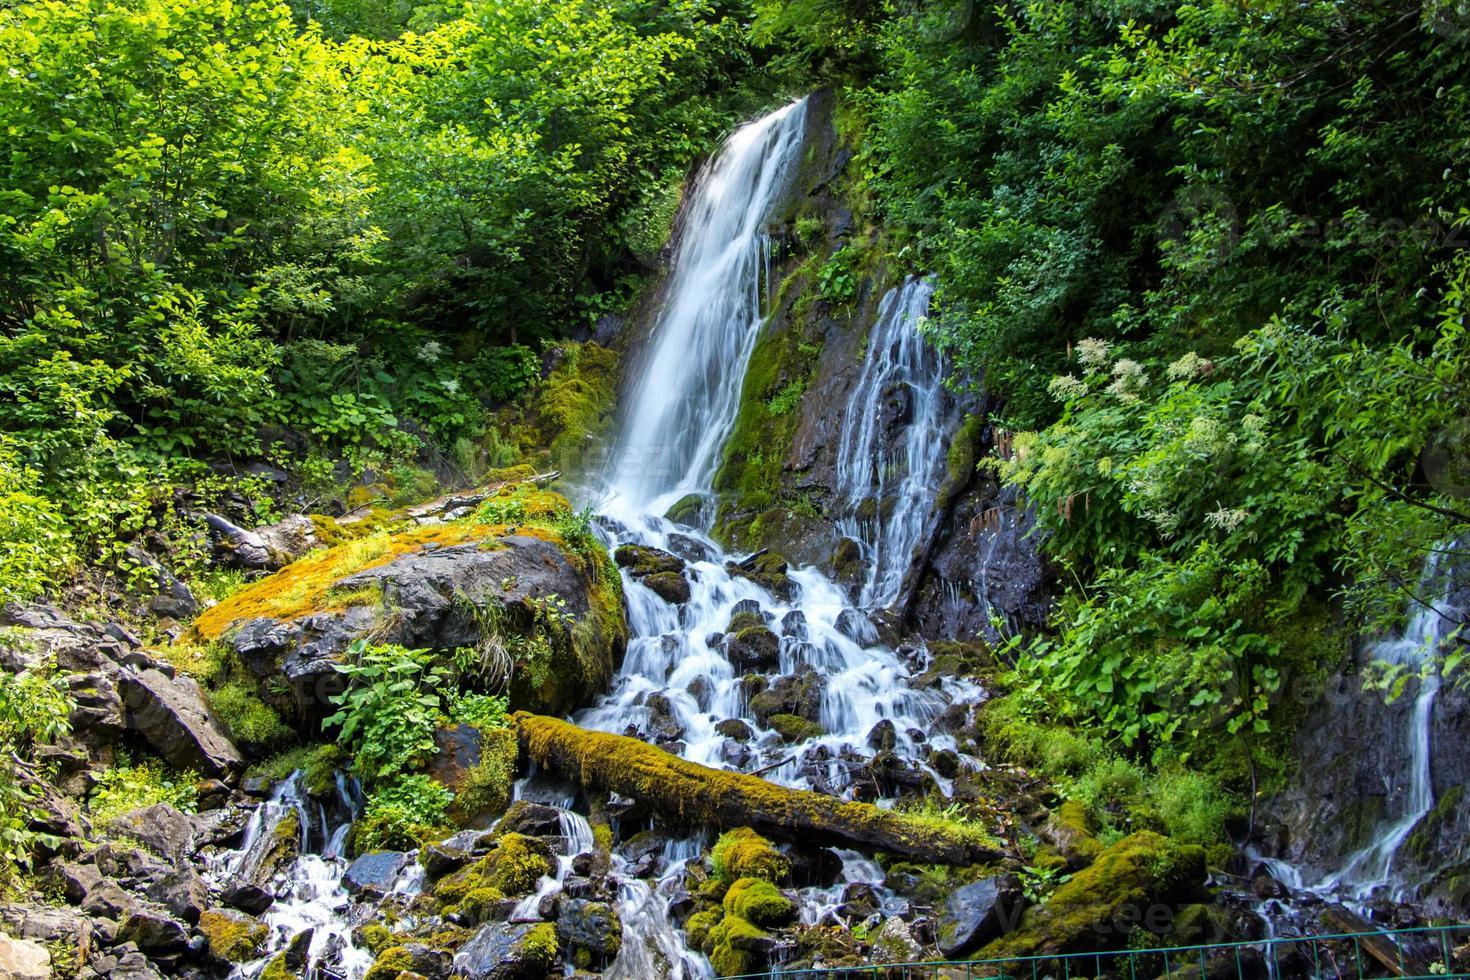 foto av vattenfallet i gröna berg